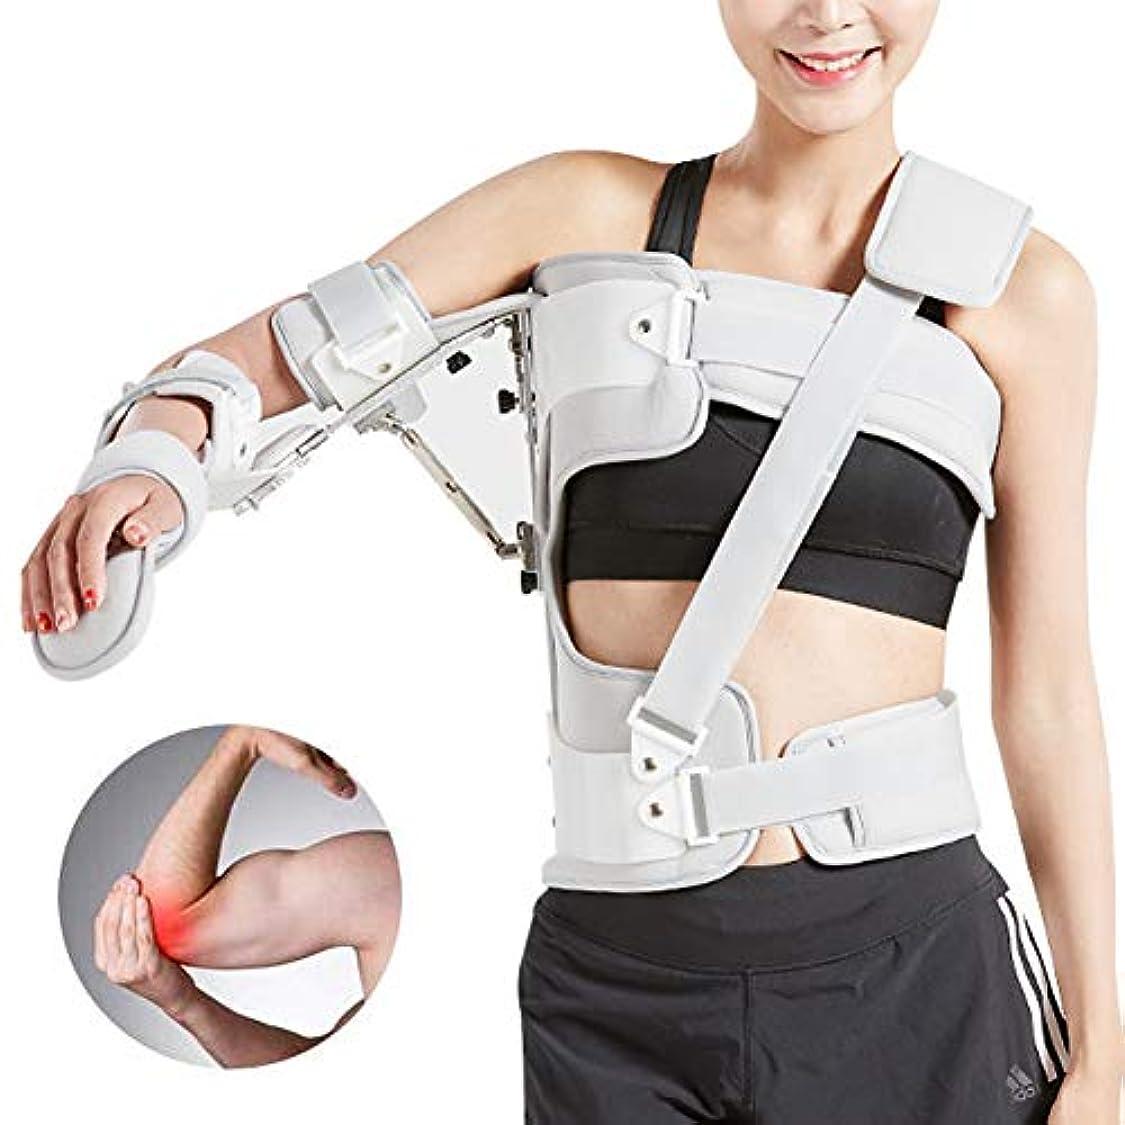 限定スティック南アメリカ調節可能なアームスリング外転枕骨折肘サポートブレース、傷害回復アーム固定、転位回旋腱板滑液包炎腱炎、ワンサイズ - ユニセックス